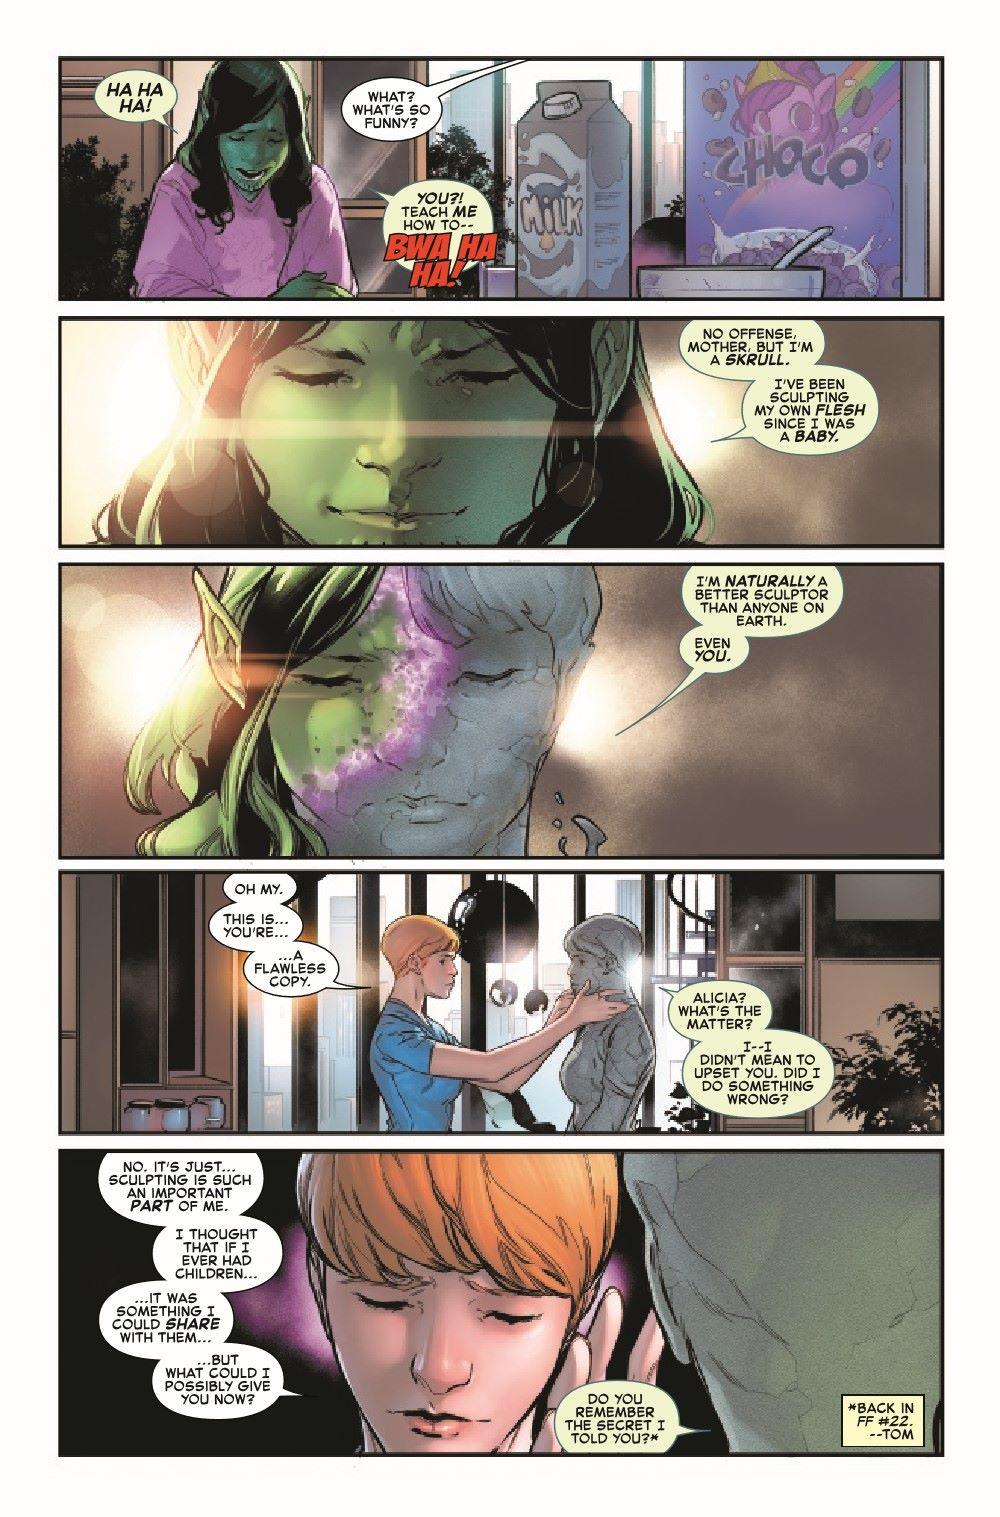 FF2018031_Preview-6 ComicList Previews: FANTASTIC FOUR #31